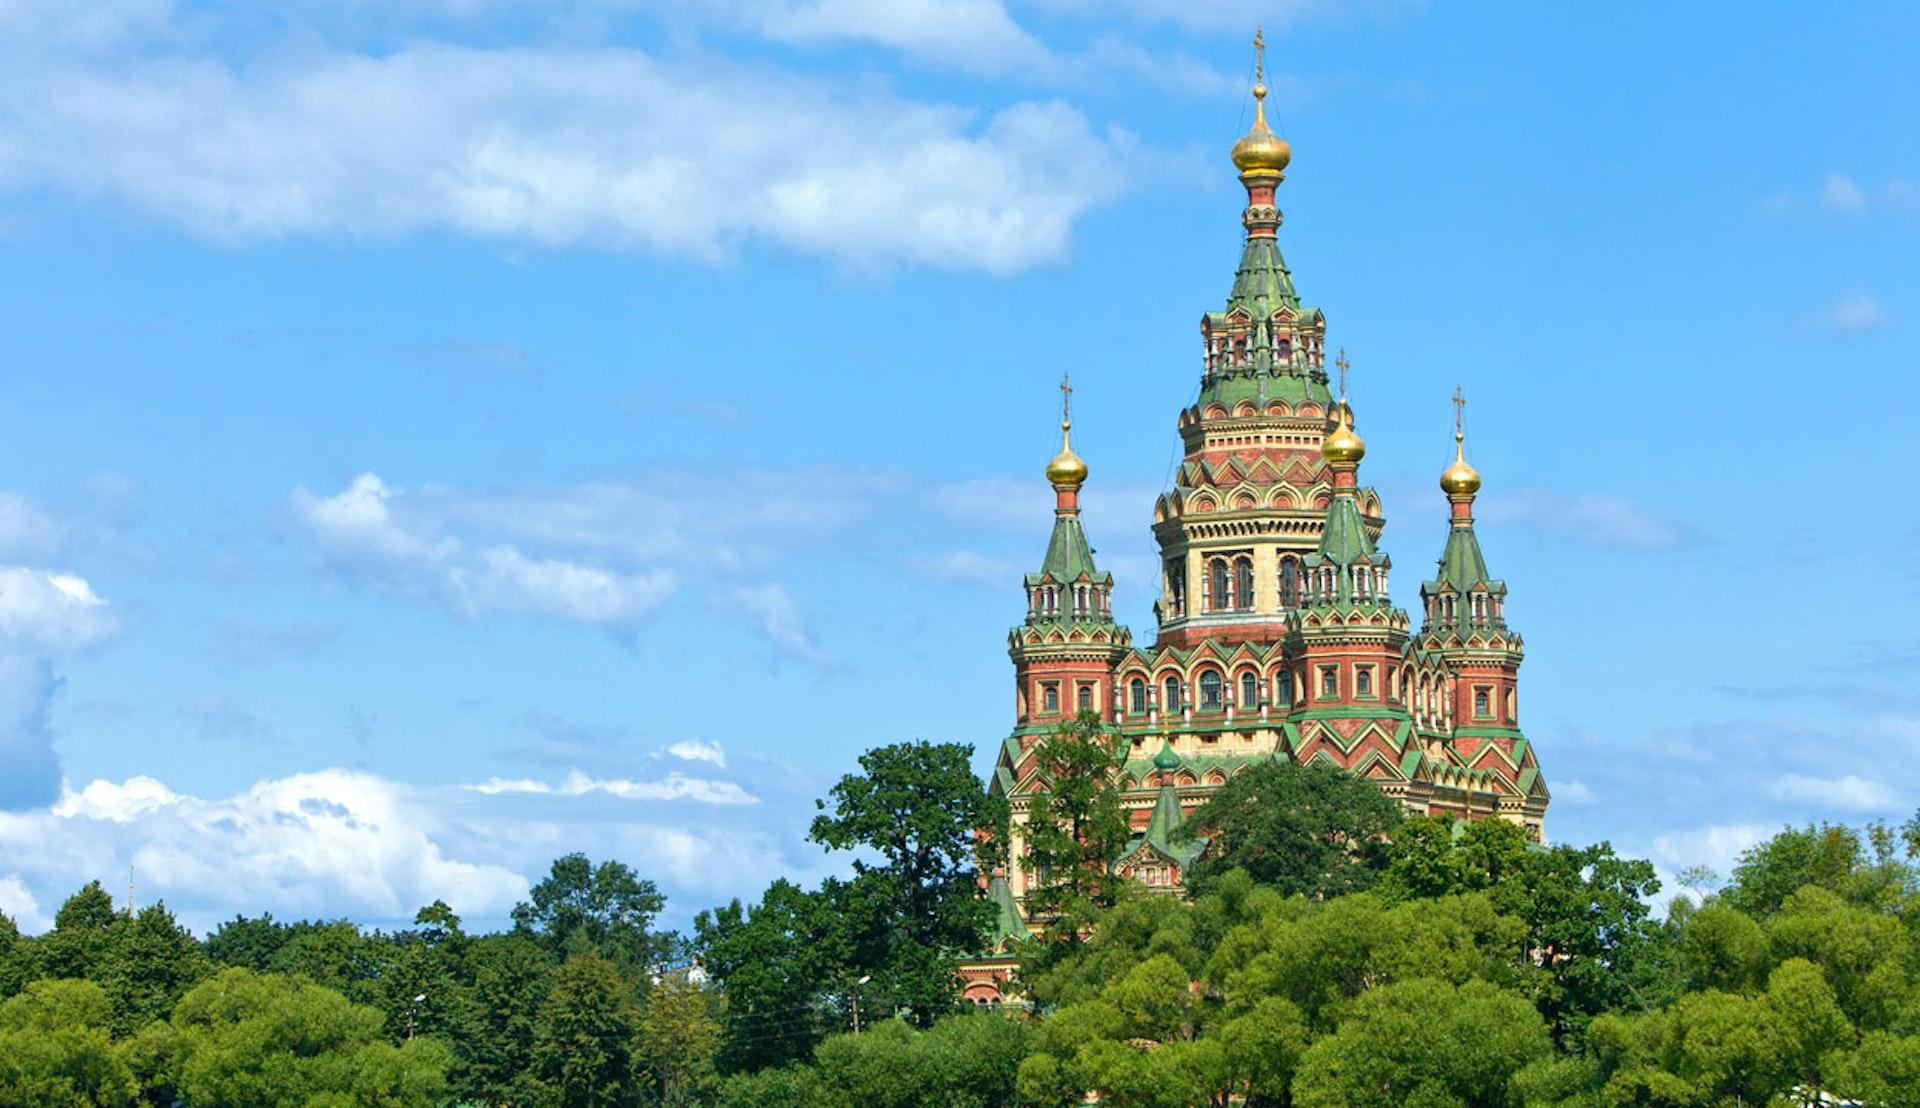 Uppståndelsekyrkan, Church on Spilled Blood, i St. Petersburg i Ryssland.